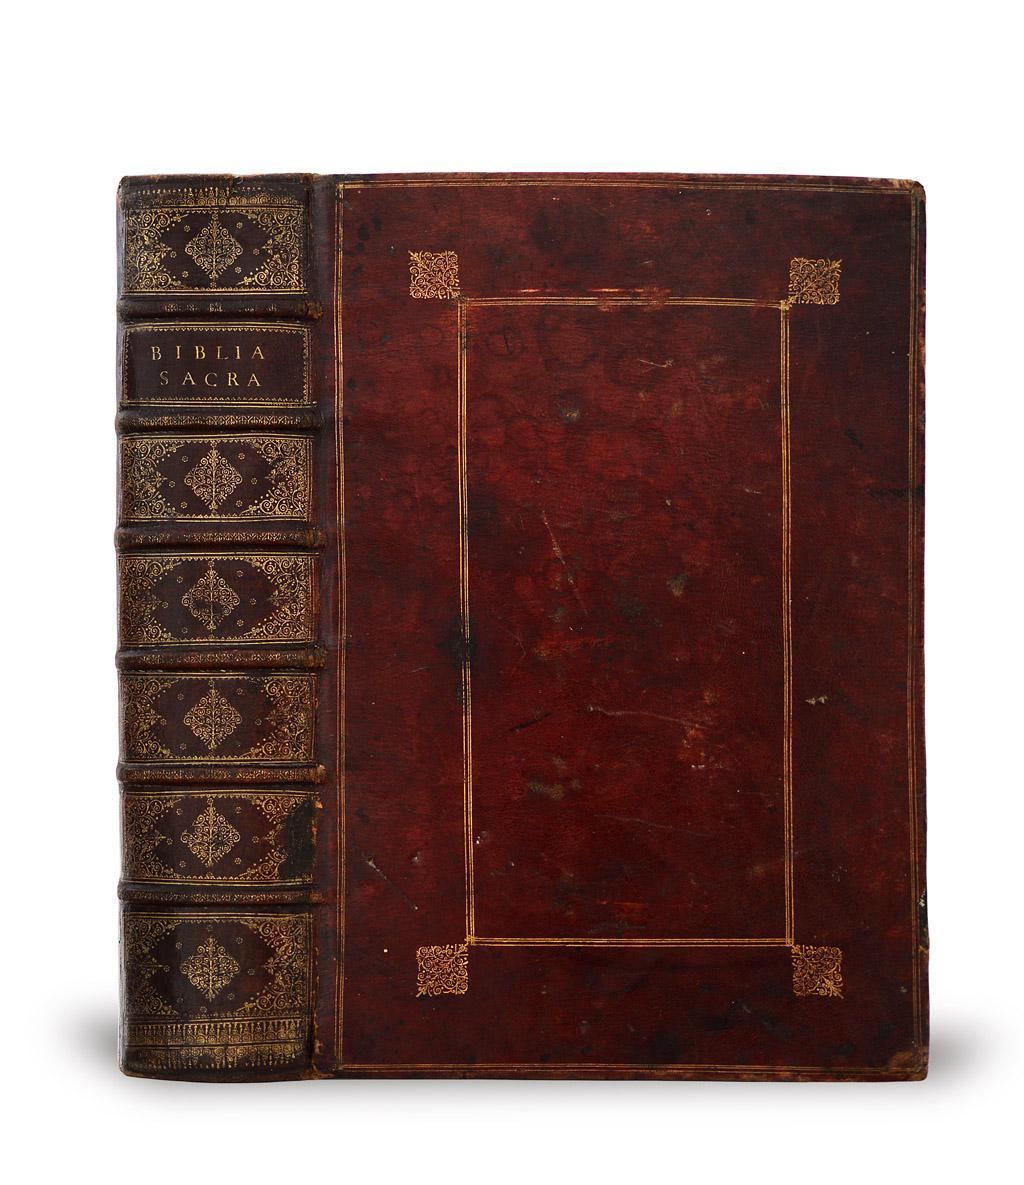 Specchi Per Palestra On Line vialibri ~ rare books from 1573 - page 6